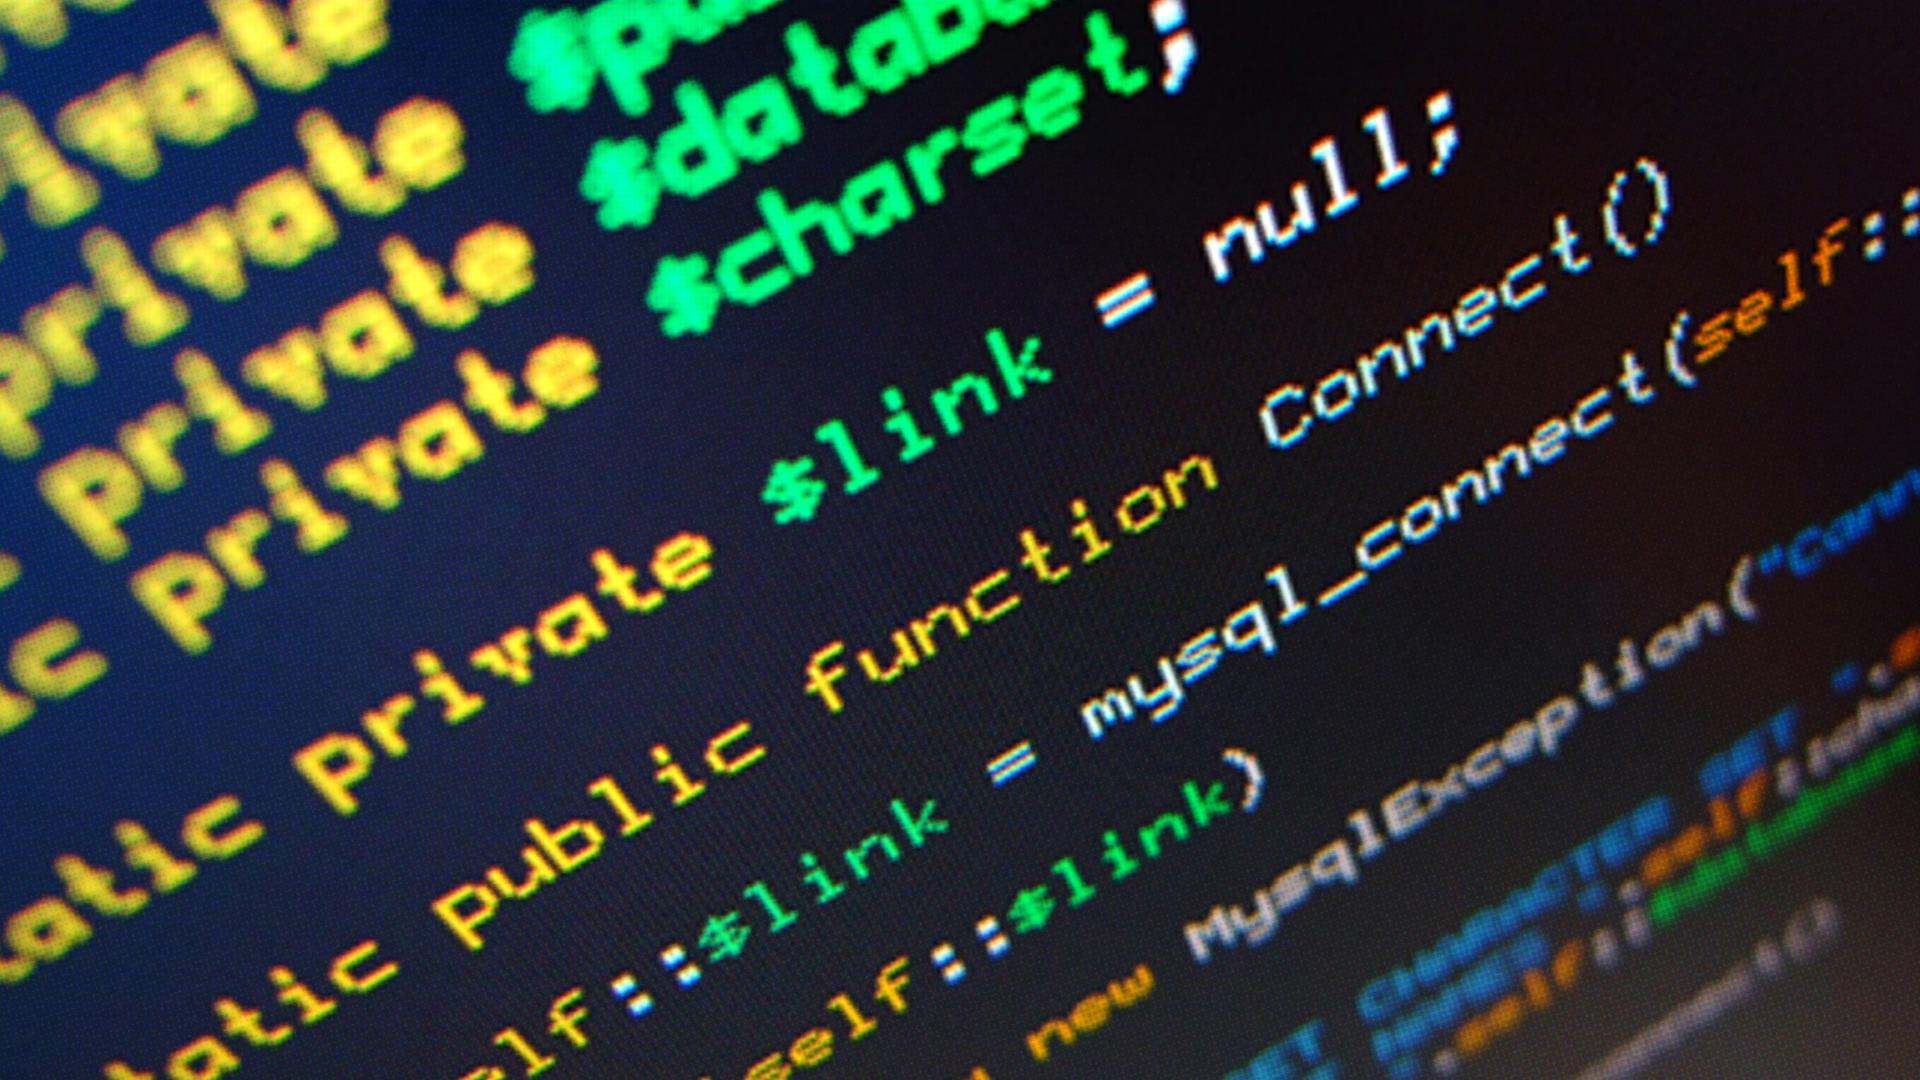 Tražimo PHP Avalonku/Avalonca